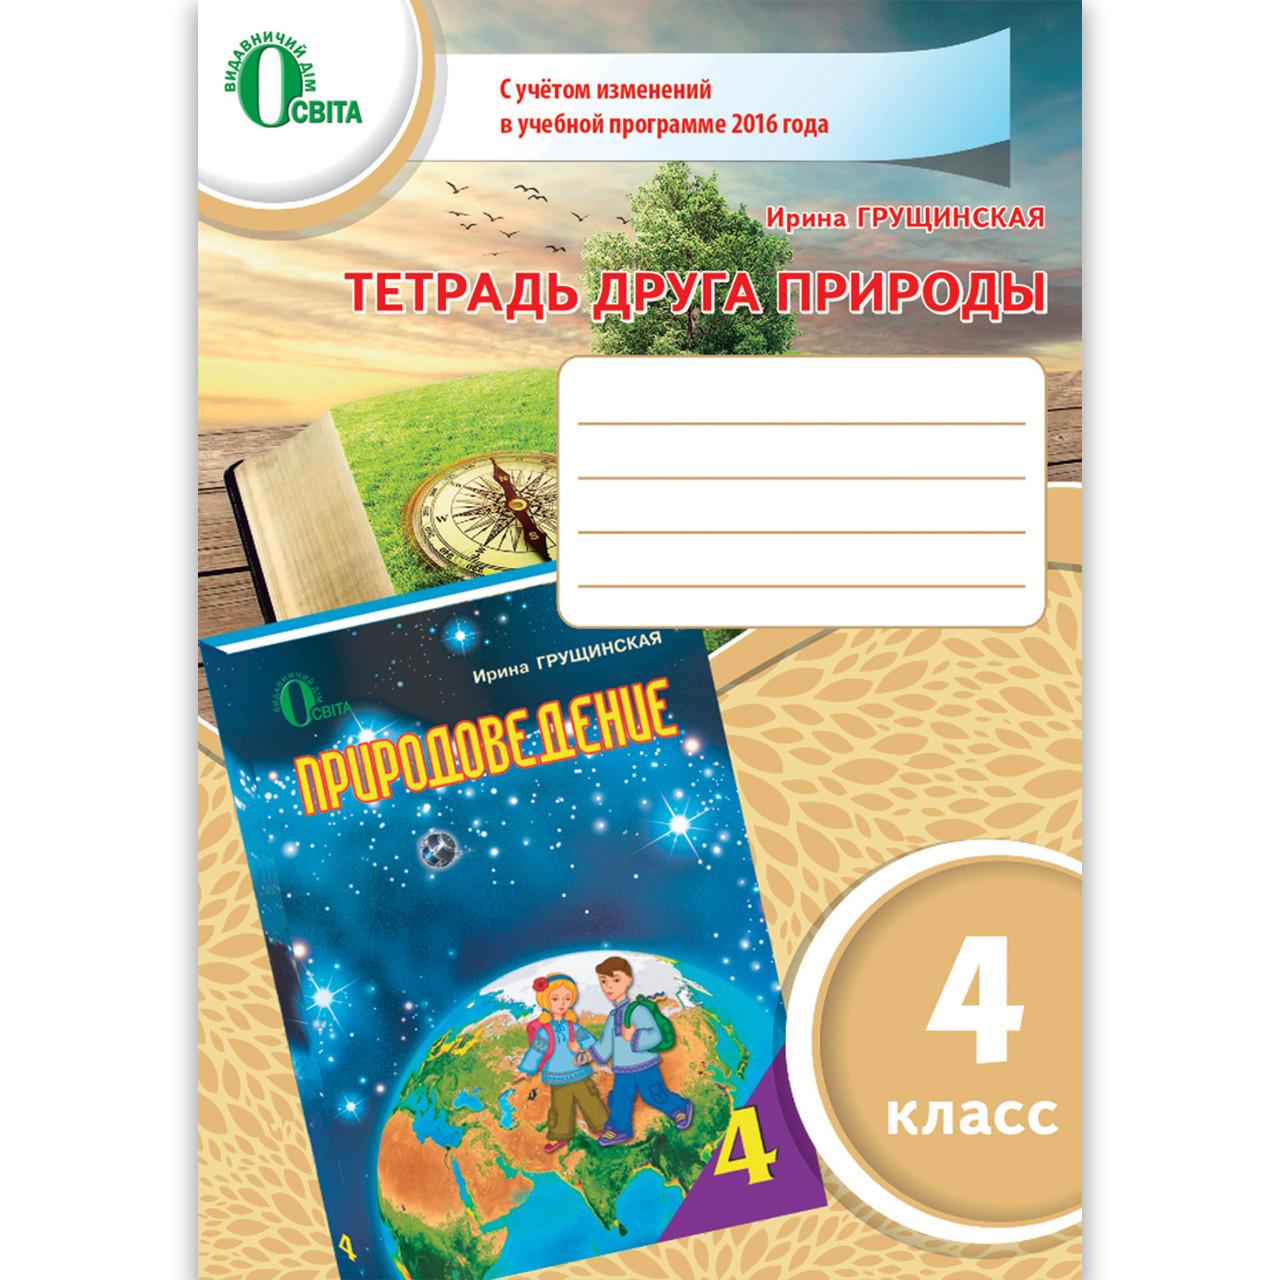 Тетрадь друга природы 4 класс Авт: Грущинская И. Изд: Освіта